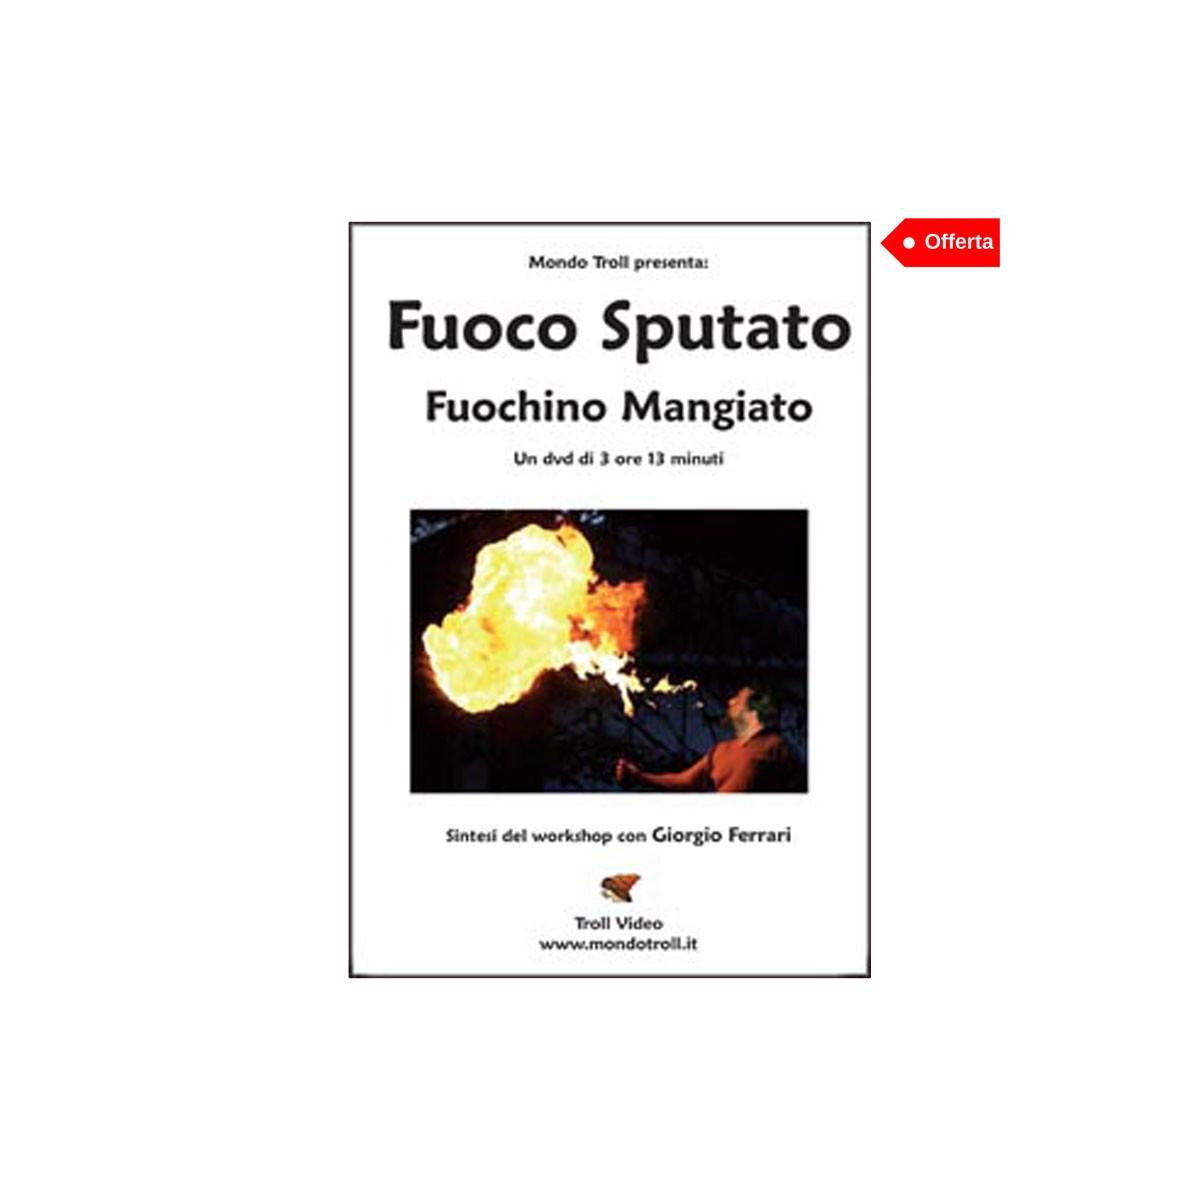 dvd Fuoco Sputato Fuochino Mangiato